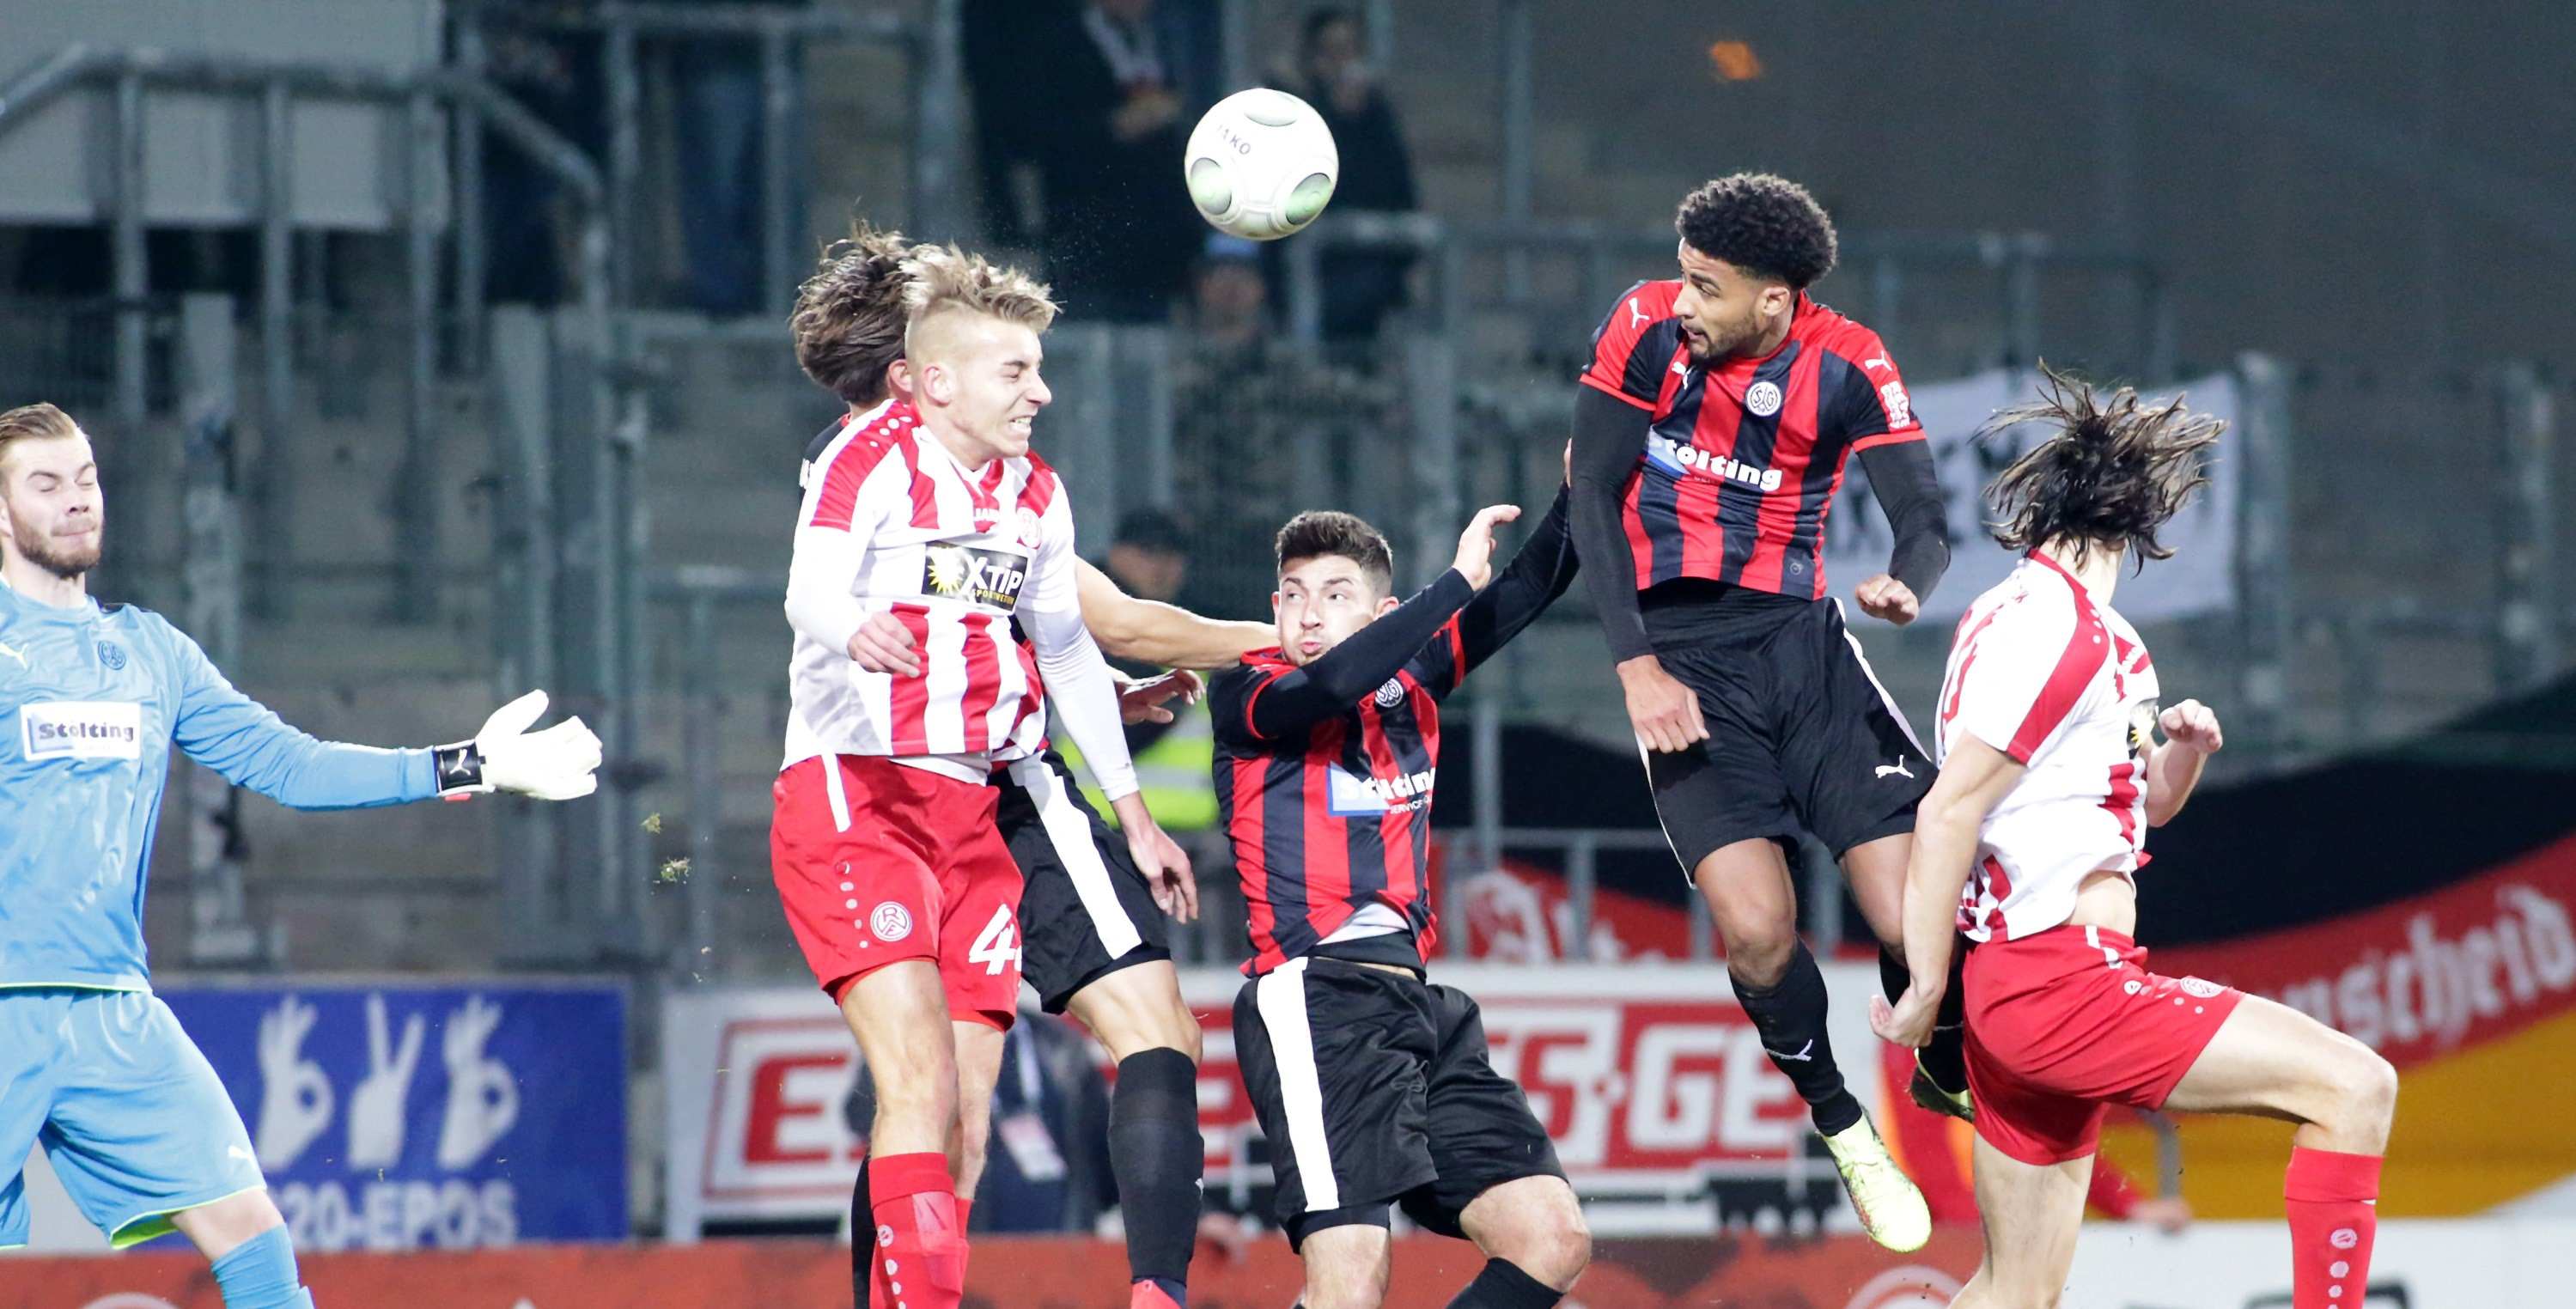 In der Schlussphase gaben die Rot-Weissen gegen die SG Wattenscheid den Sieg aus der Hand. (Foto: Endberg)